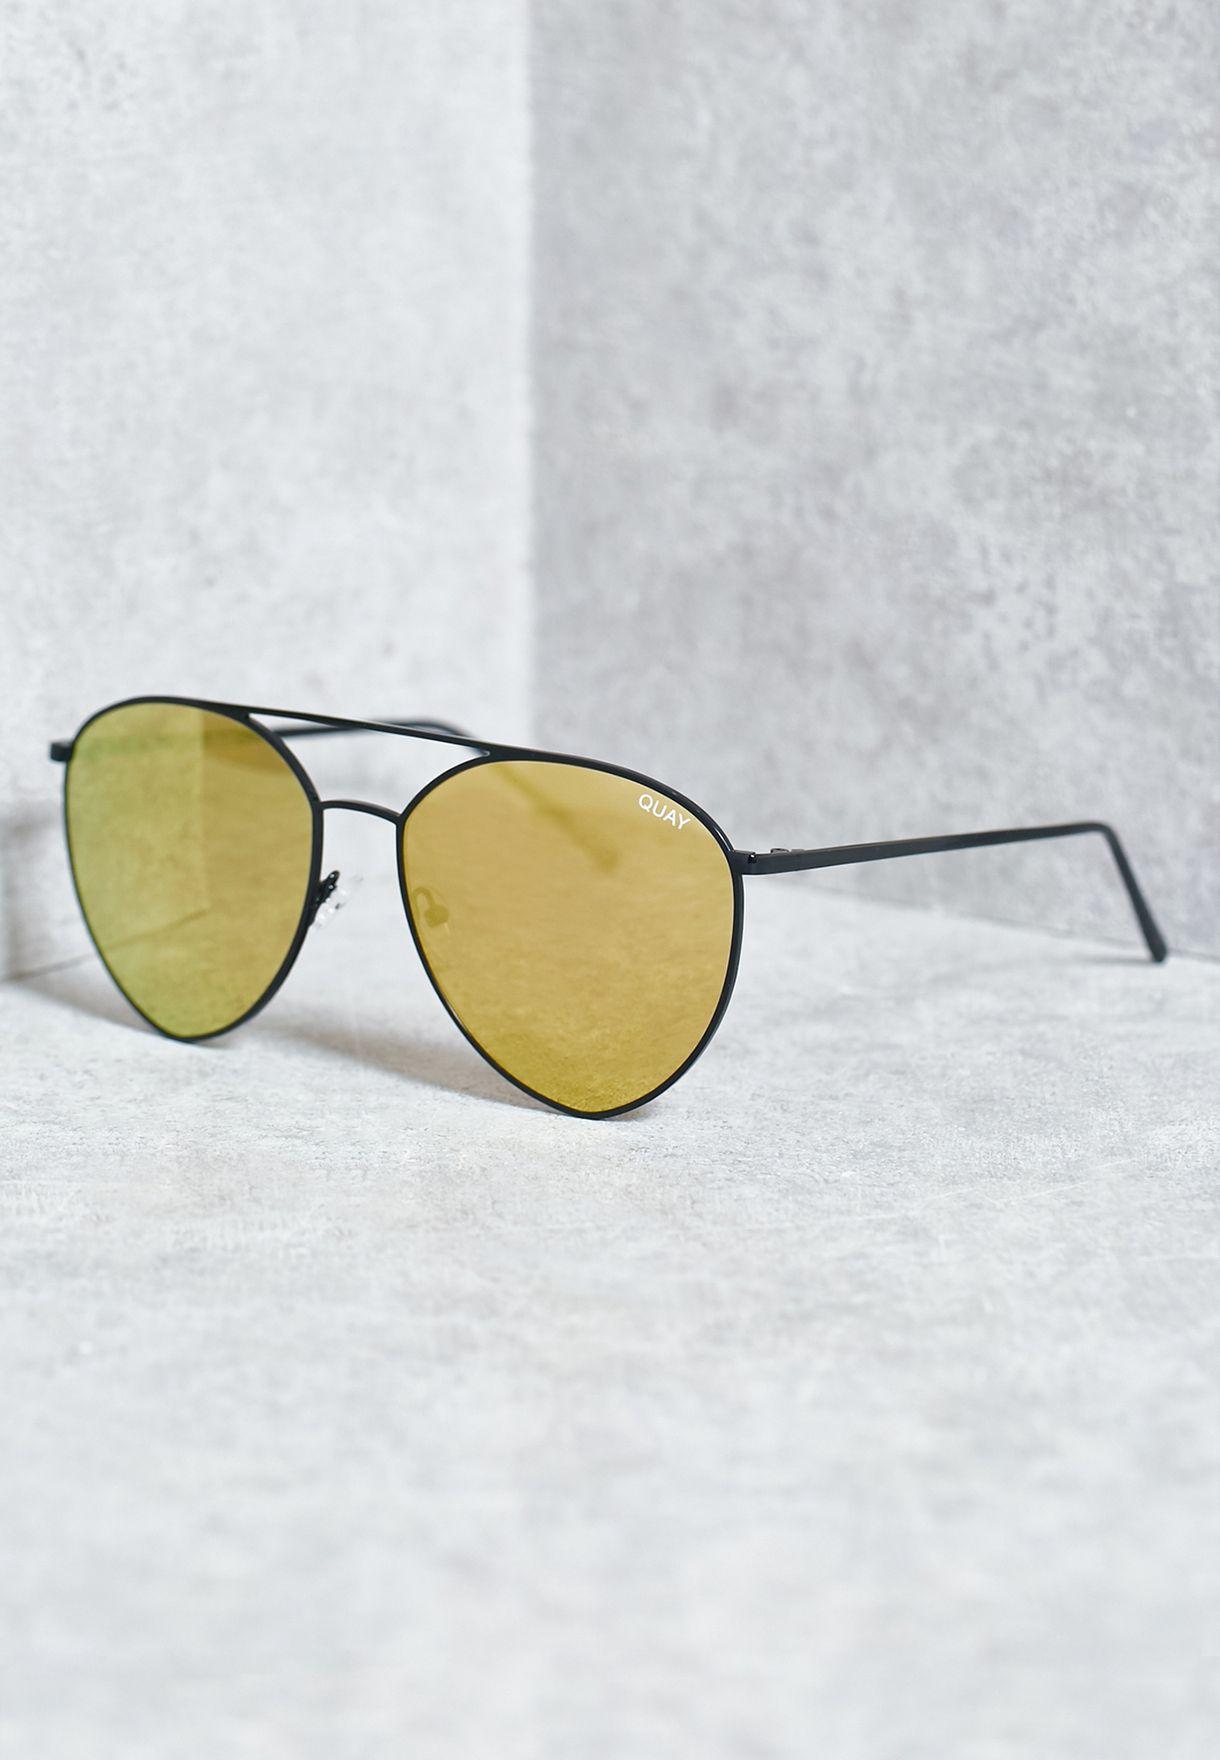 d8efe80689 Shop Quay Australia black Indio Sunglasses QC-000189- BLACK GOLD ...